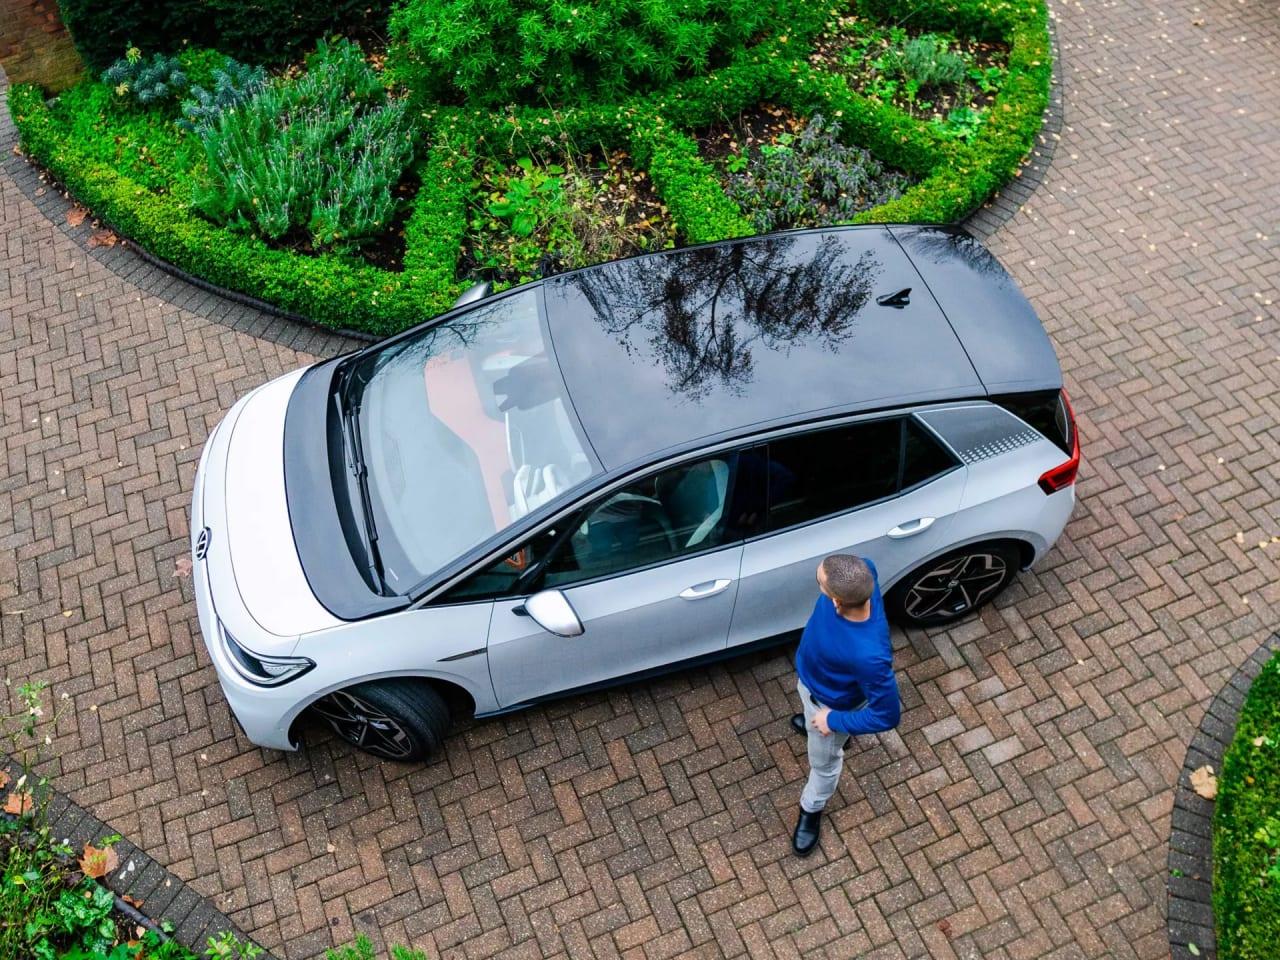 Birds eye view of the Volkswagen ID.3